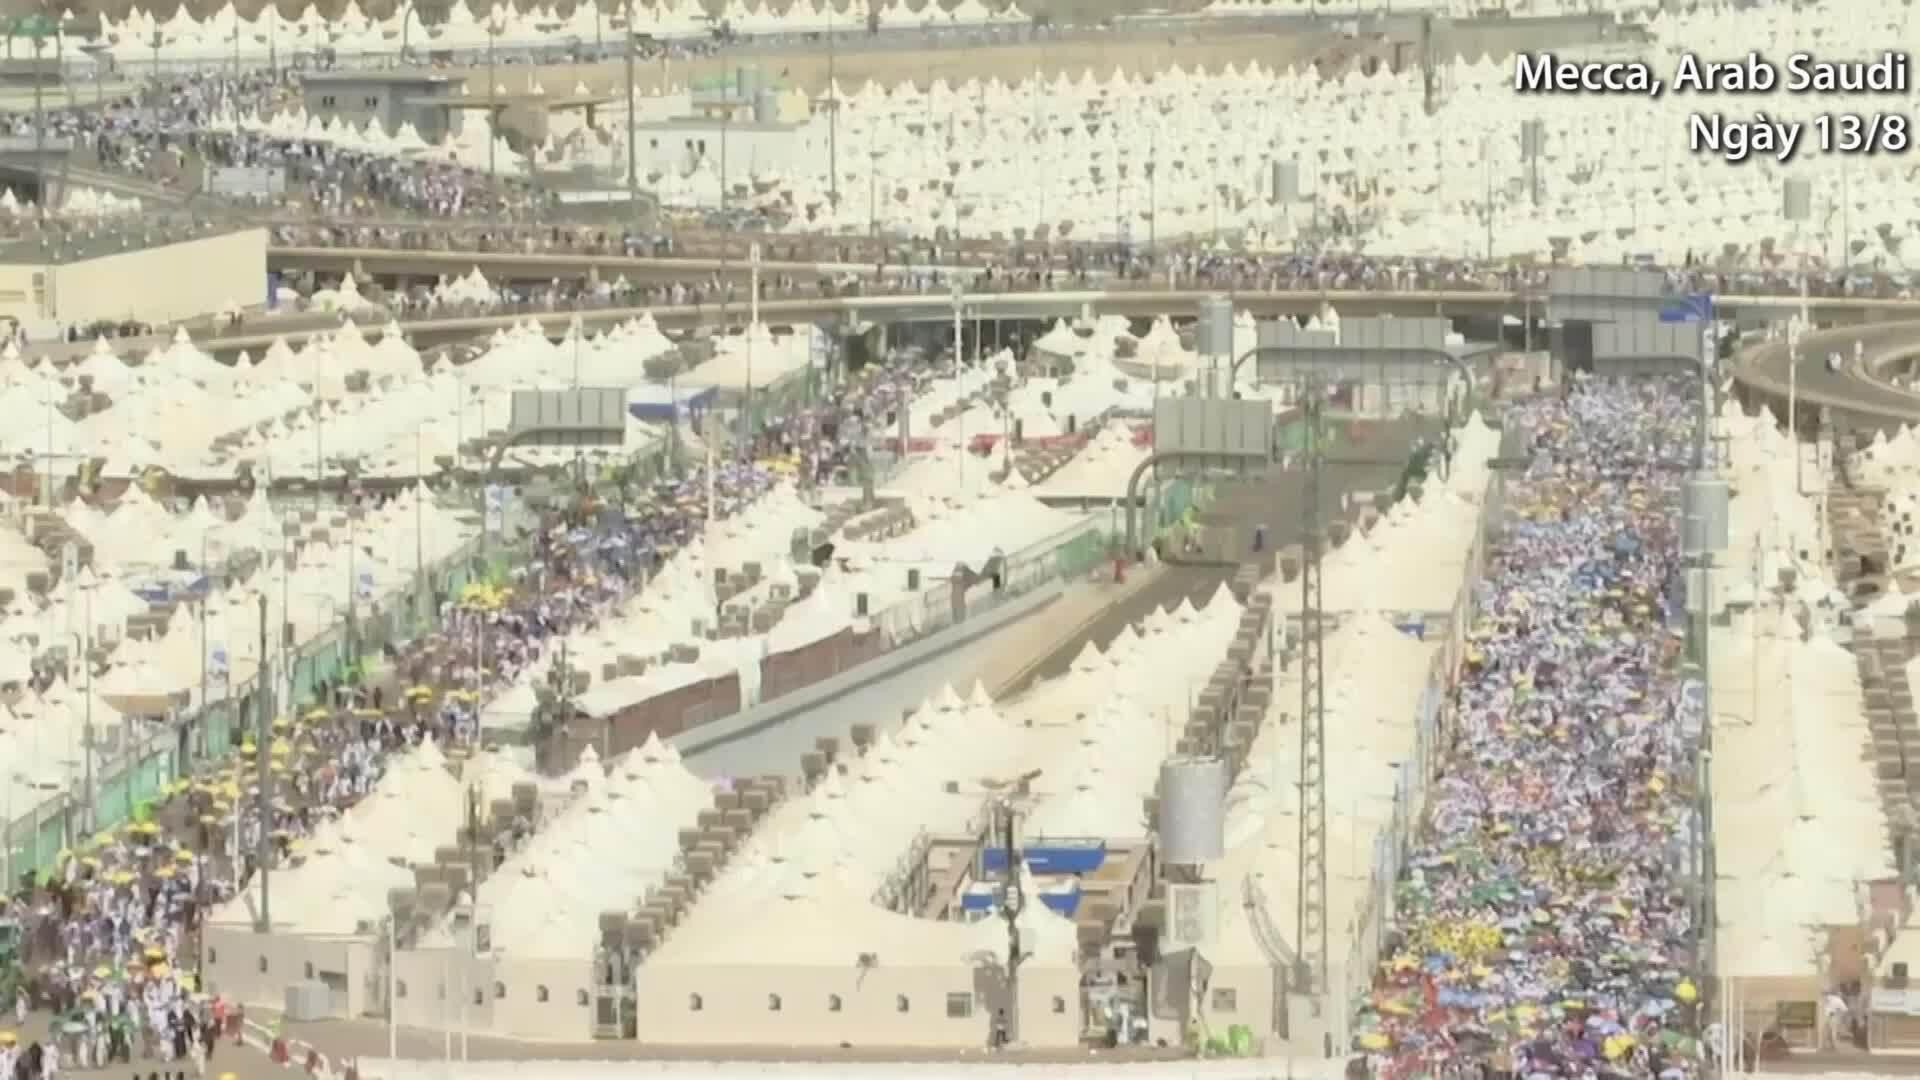 Hơn 2,5 triệu người Hồi giáo hành hương về thánh địa Mecca